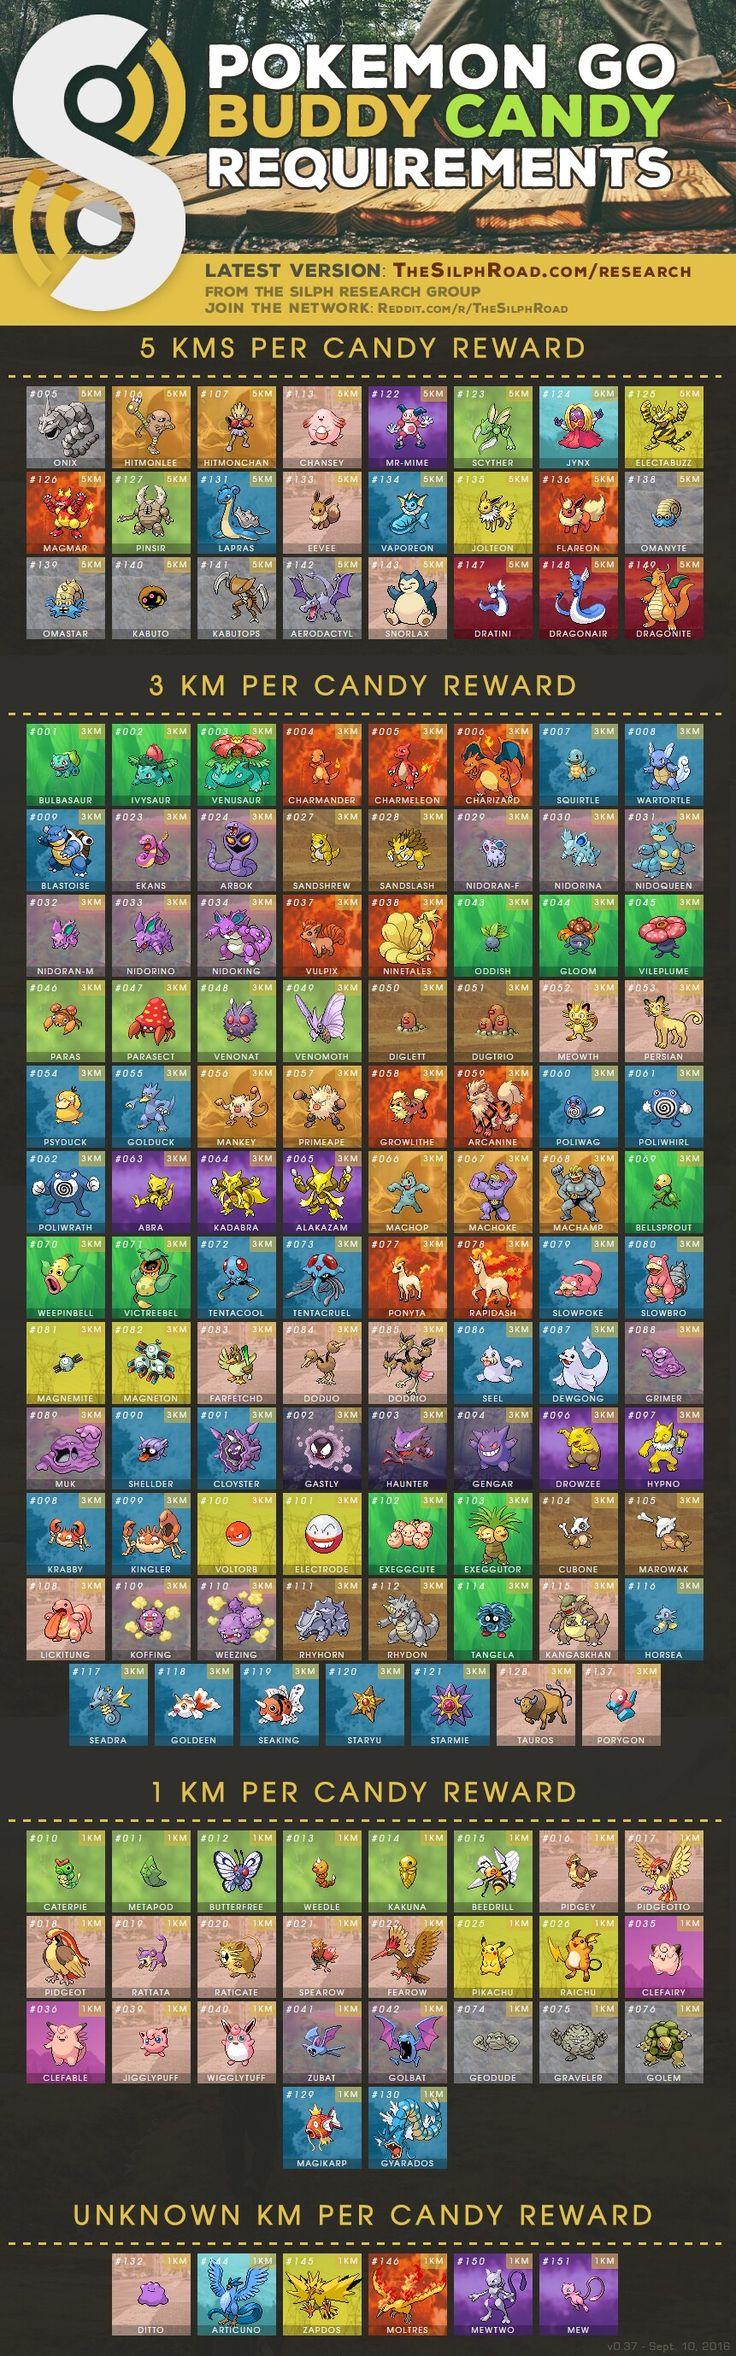 Buddy system chart pokemon go